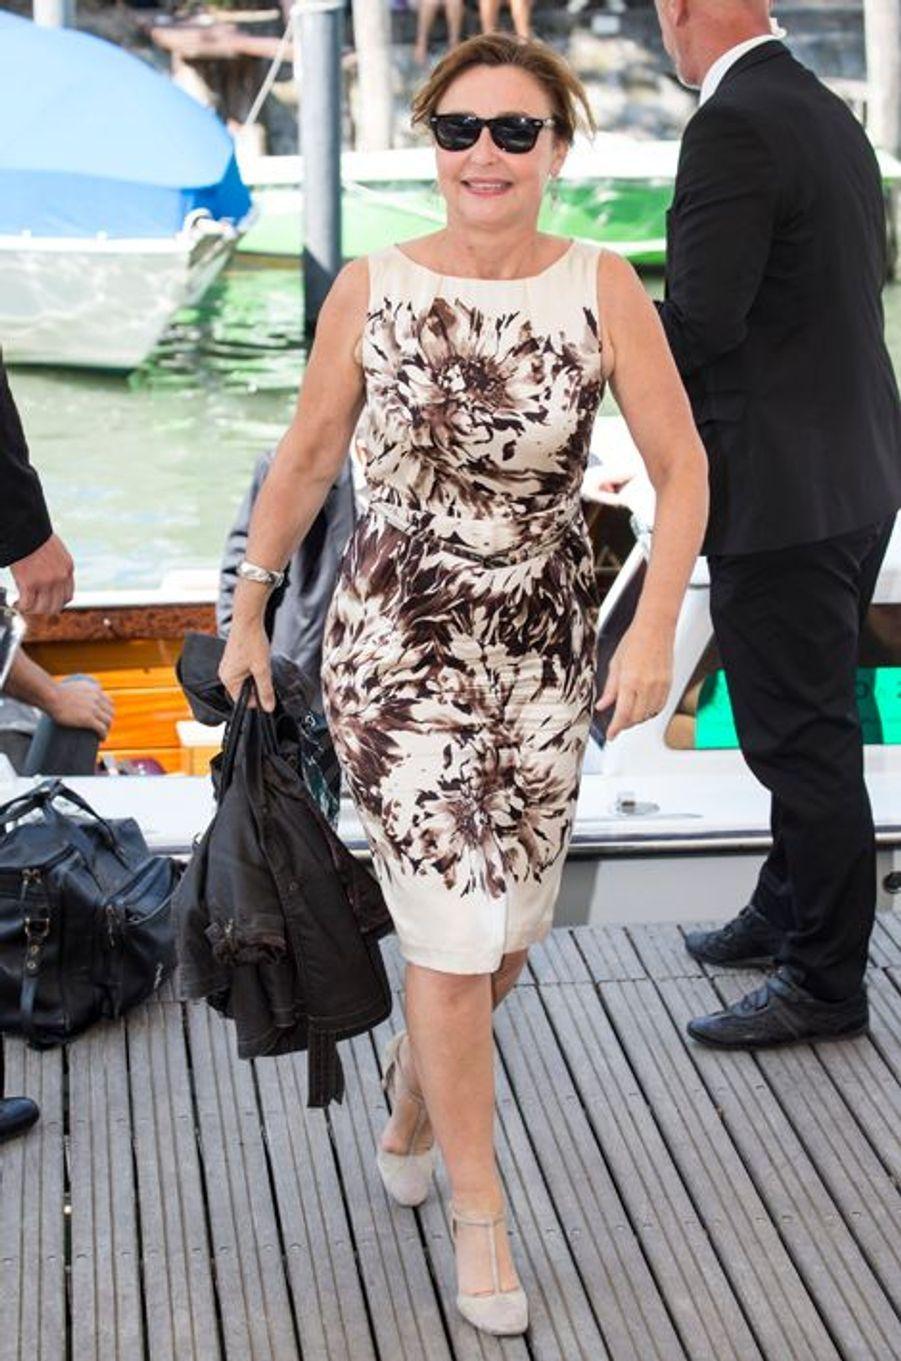 Vendredi 4 septembre : Catherine Frot arrive à la 72ème édition du festival international du film de Venise.